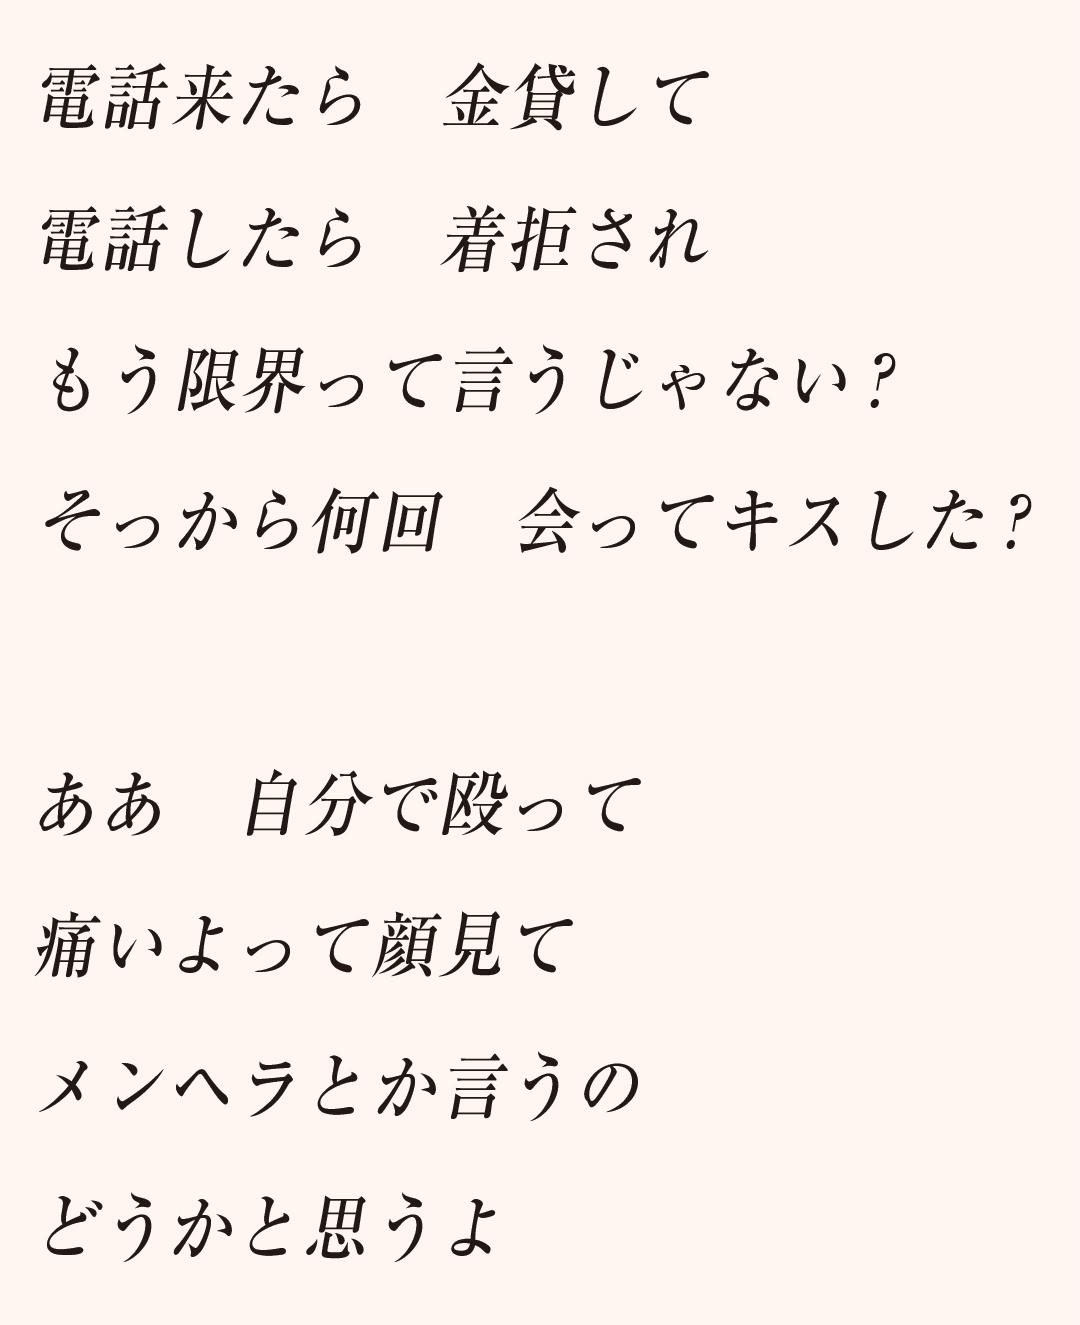 大森靖子プロデュース、ZOCの『断捨離彼氏』が最高【ヒャダインのこの歌詞がすげえ!】_1_2